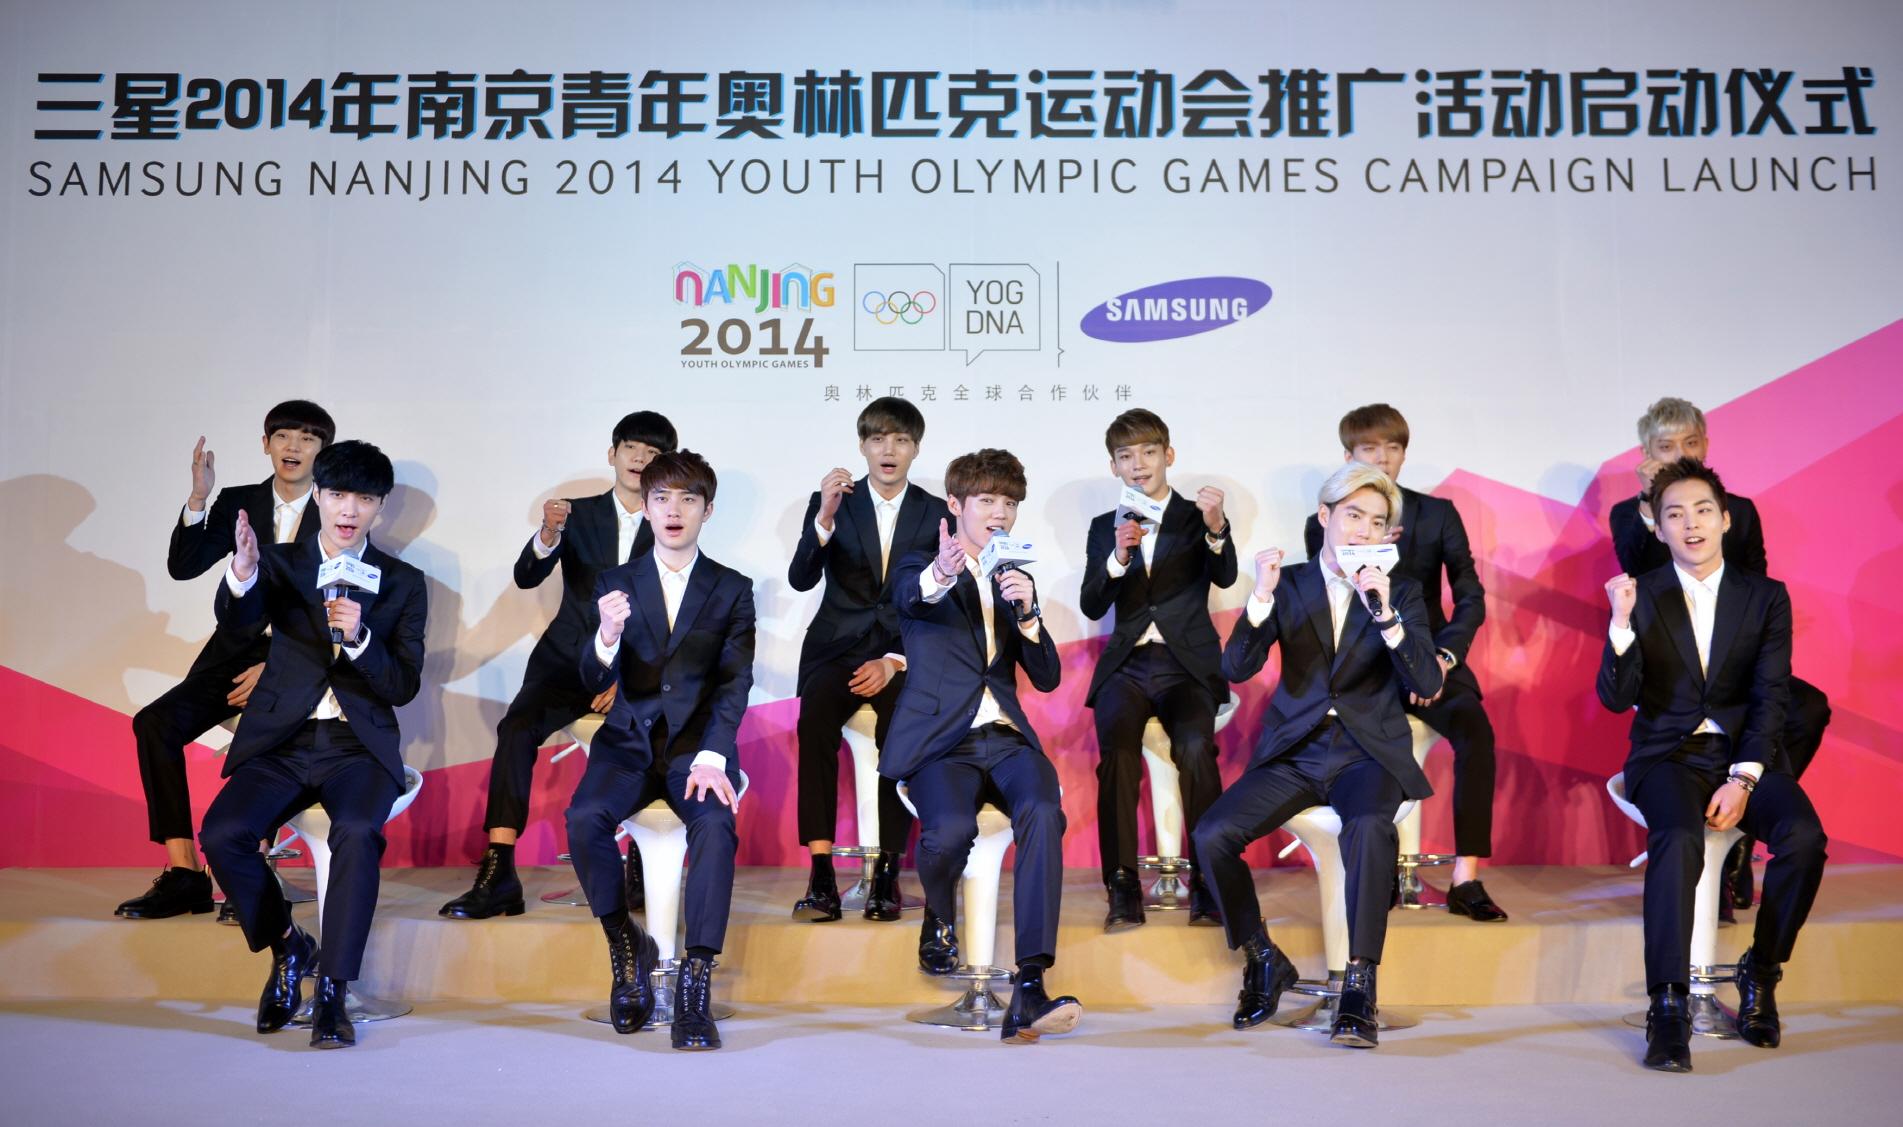 삼성전자 유스올림픽 캠페인 발표 기자회견에서 홍보대사인 엑소(EXO)가 삼성전자의 난징 유스올림픽 캠페인 주제인 '젊음의 비트로 대회를 즐기자 (Live the Beats, Love the Games)'를 외치는 모습